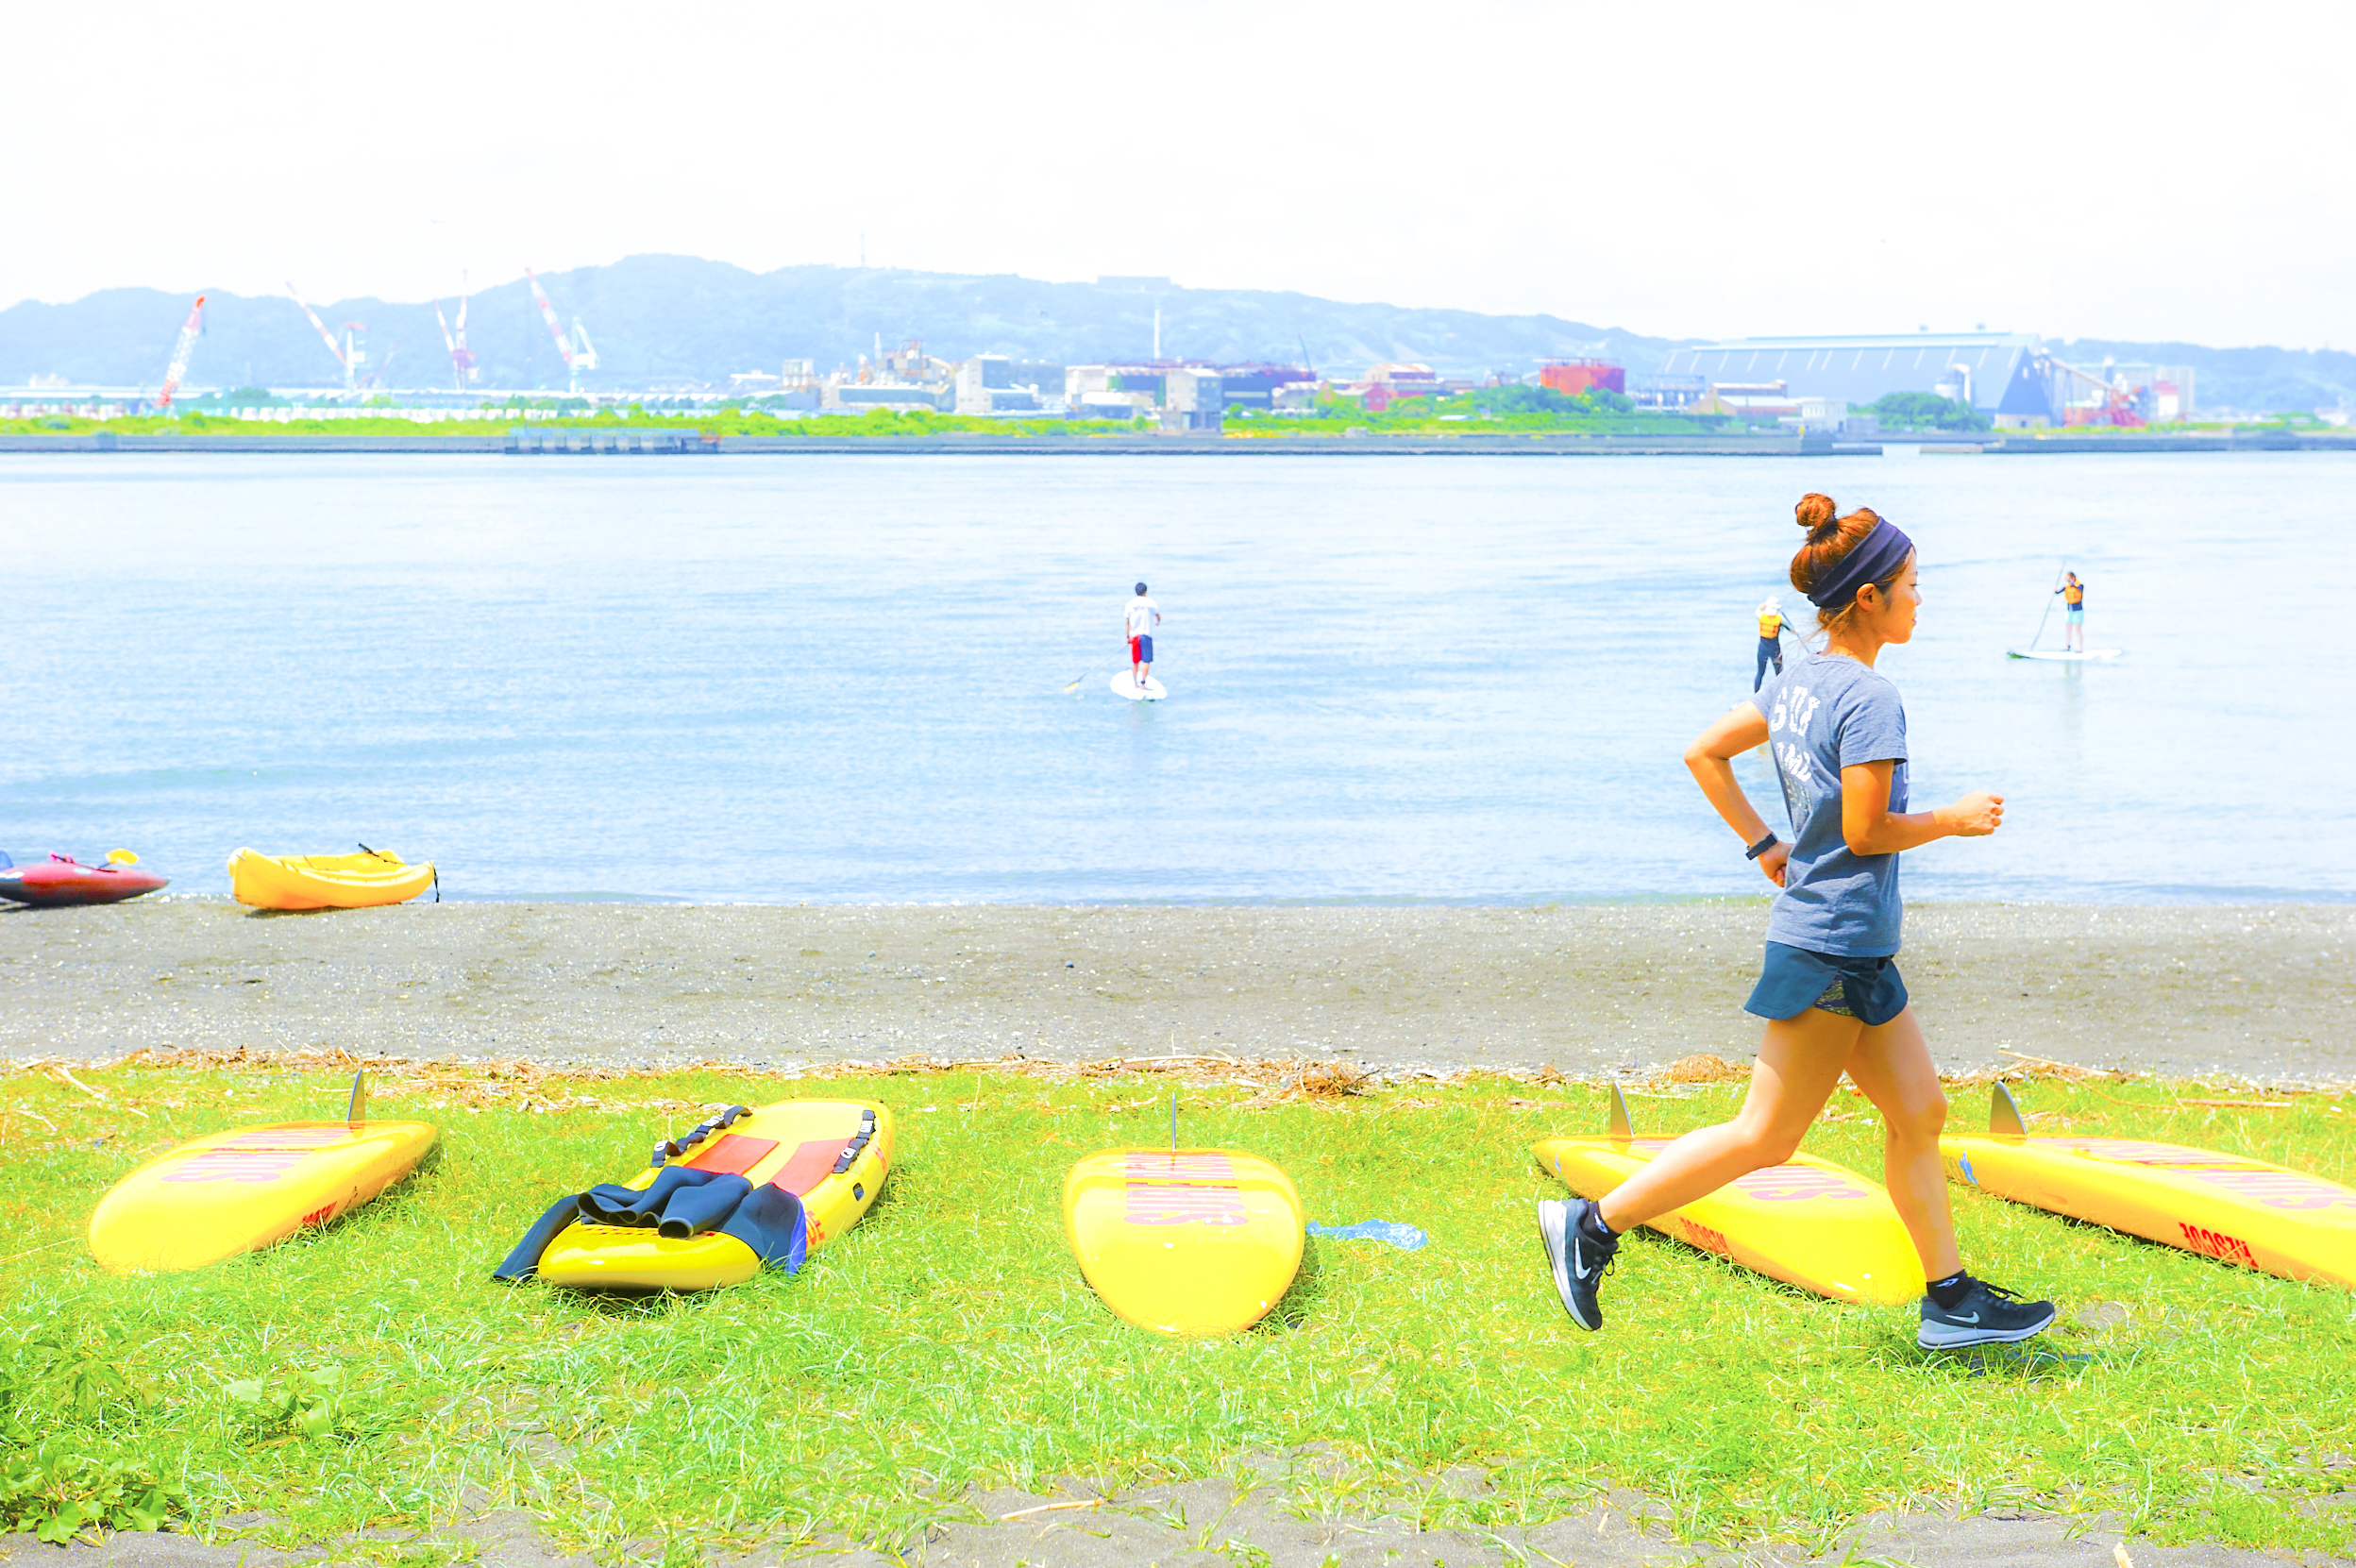 2018 SUMMER 走ろう!トモラン静岡 参加ランナー募集中